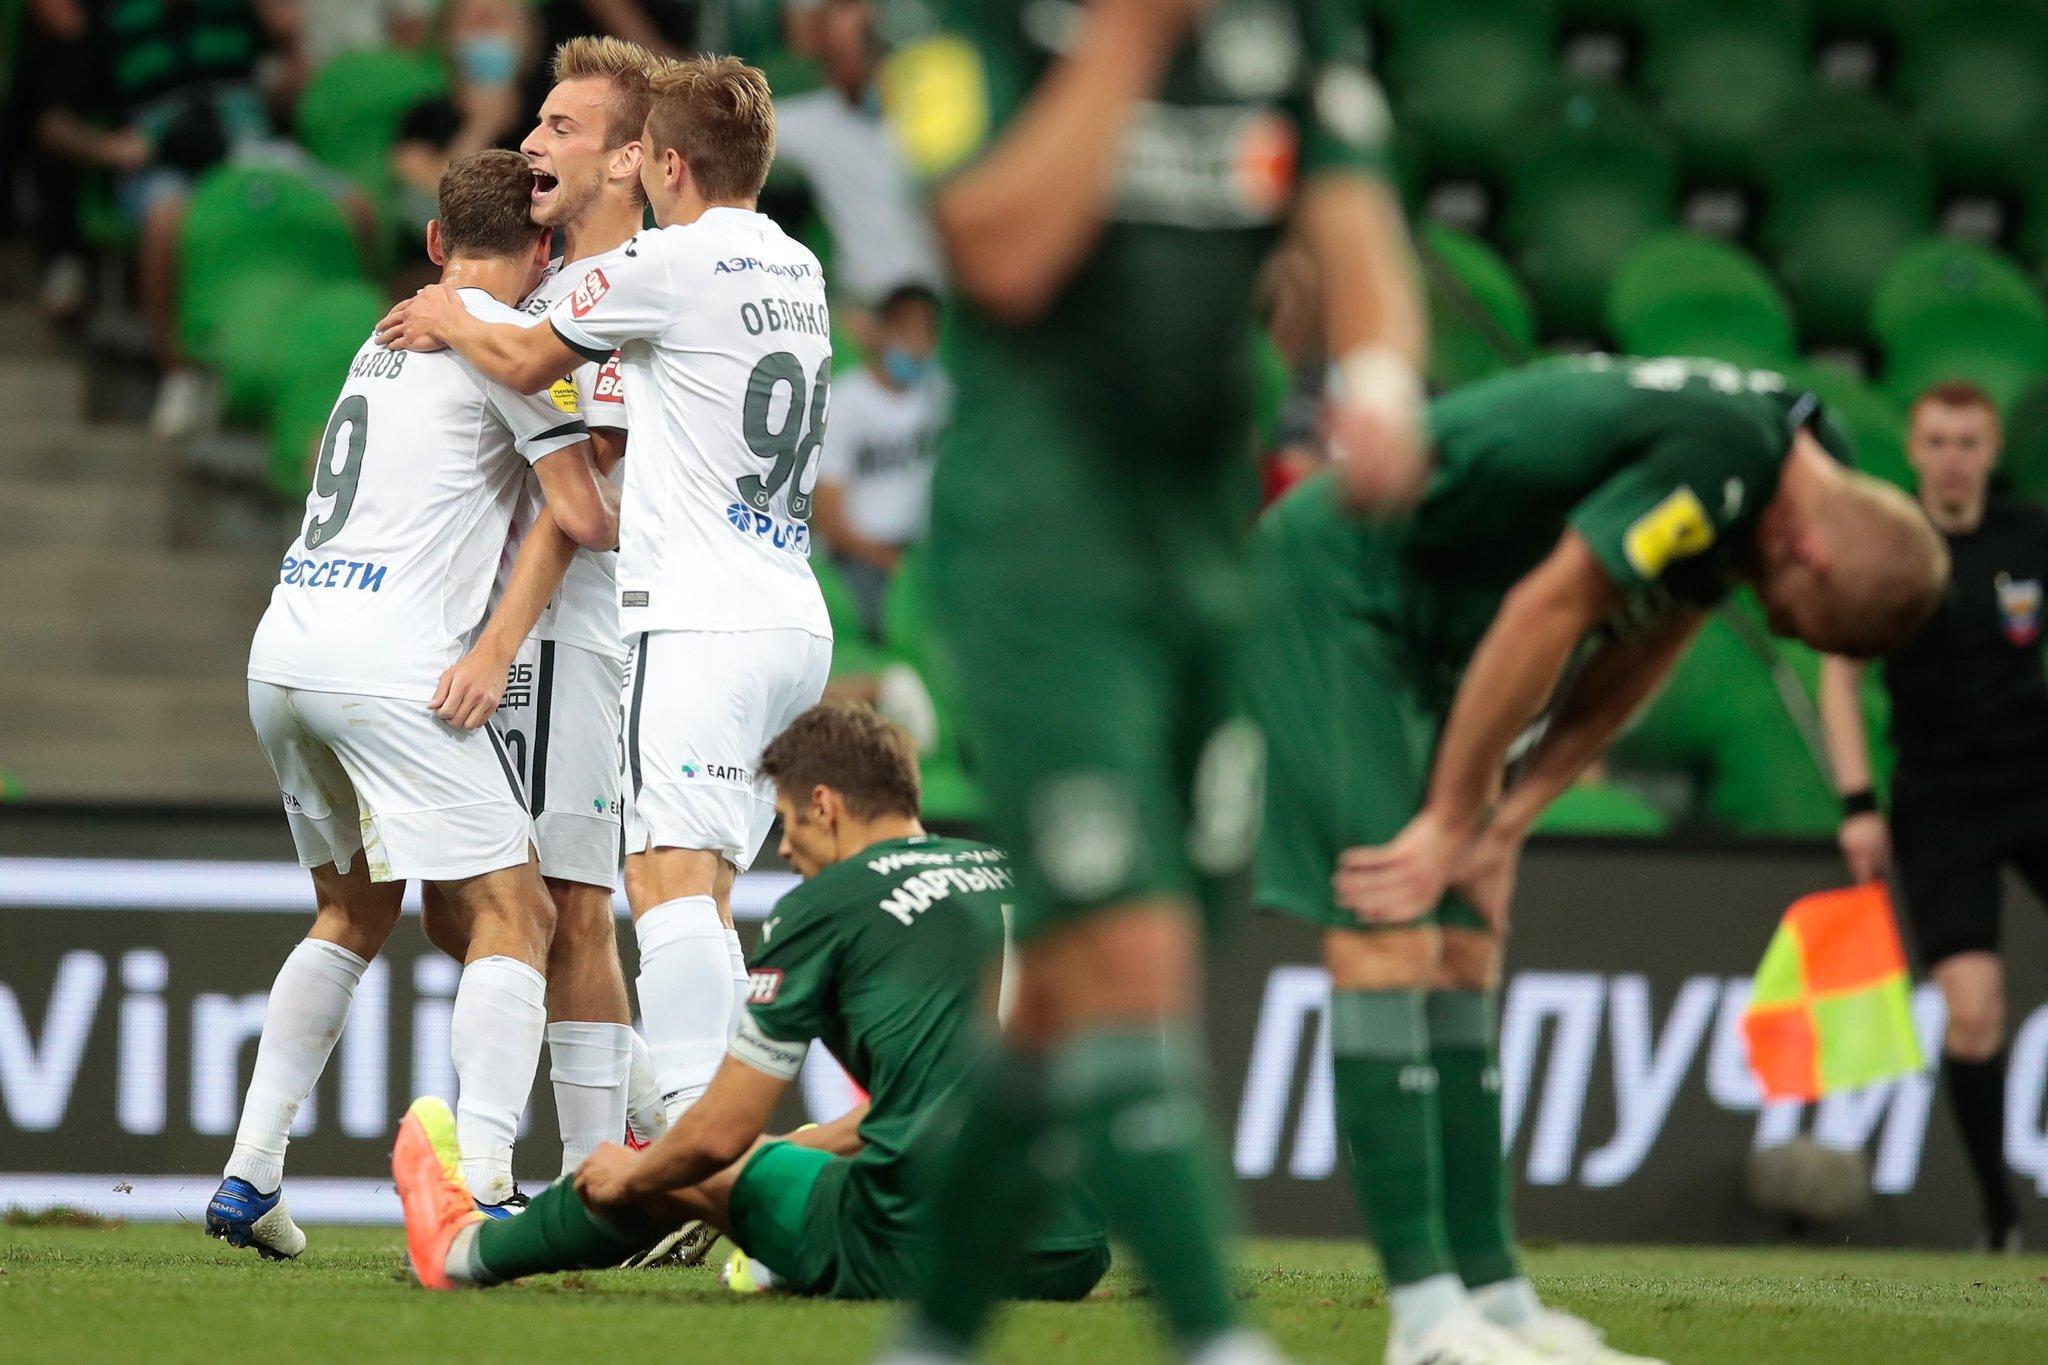 Чемпионат англии, премьер-лига - таблица, результаты, расписание, новости футбола - террикон - футбол и спорт украины